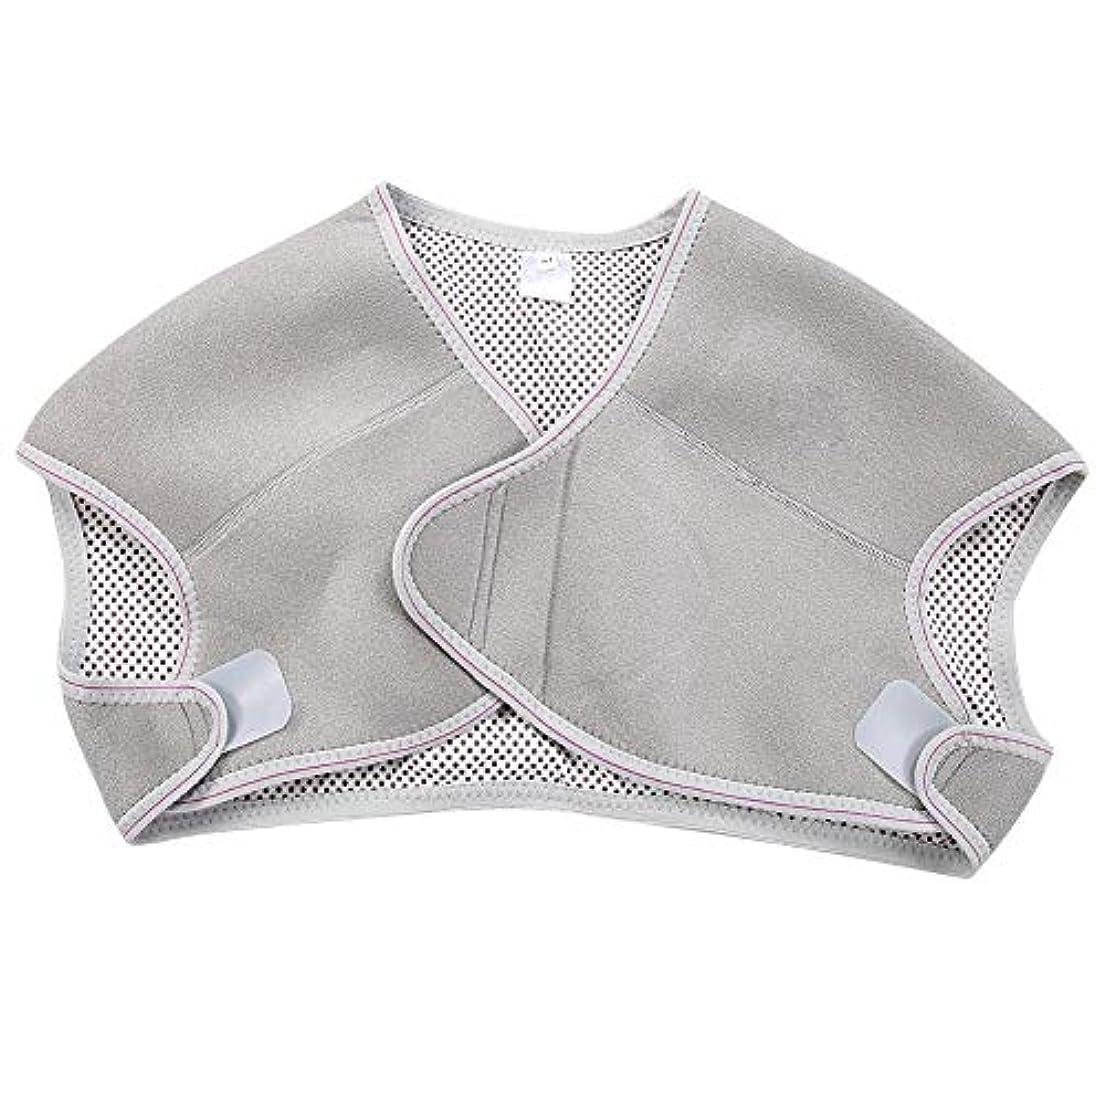 回路予防接種するブローTOPINCN 肩パッド 発熱療法磁気ショルダーパッド 肩 温め ホット 血行促進 ホット 痛み解消 着脱 簡単 男女兼用 調節可能 自己発熱(M)